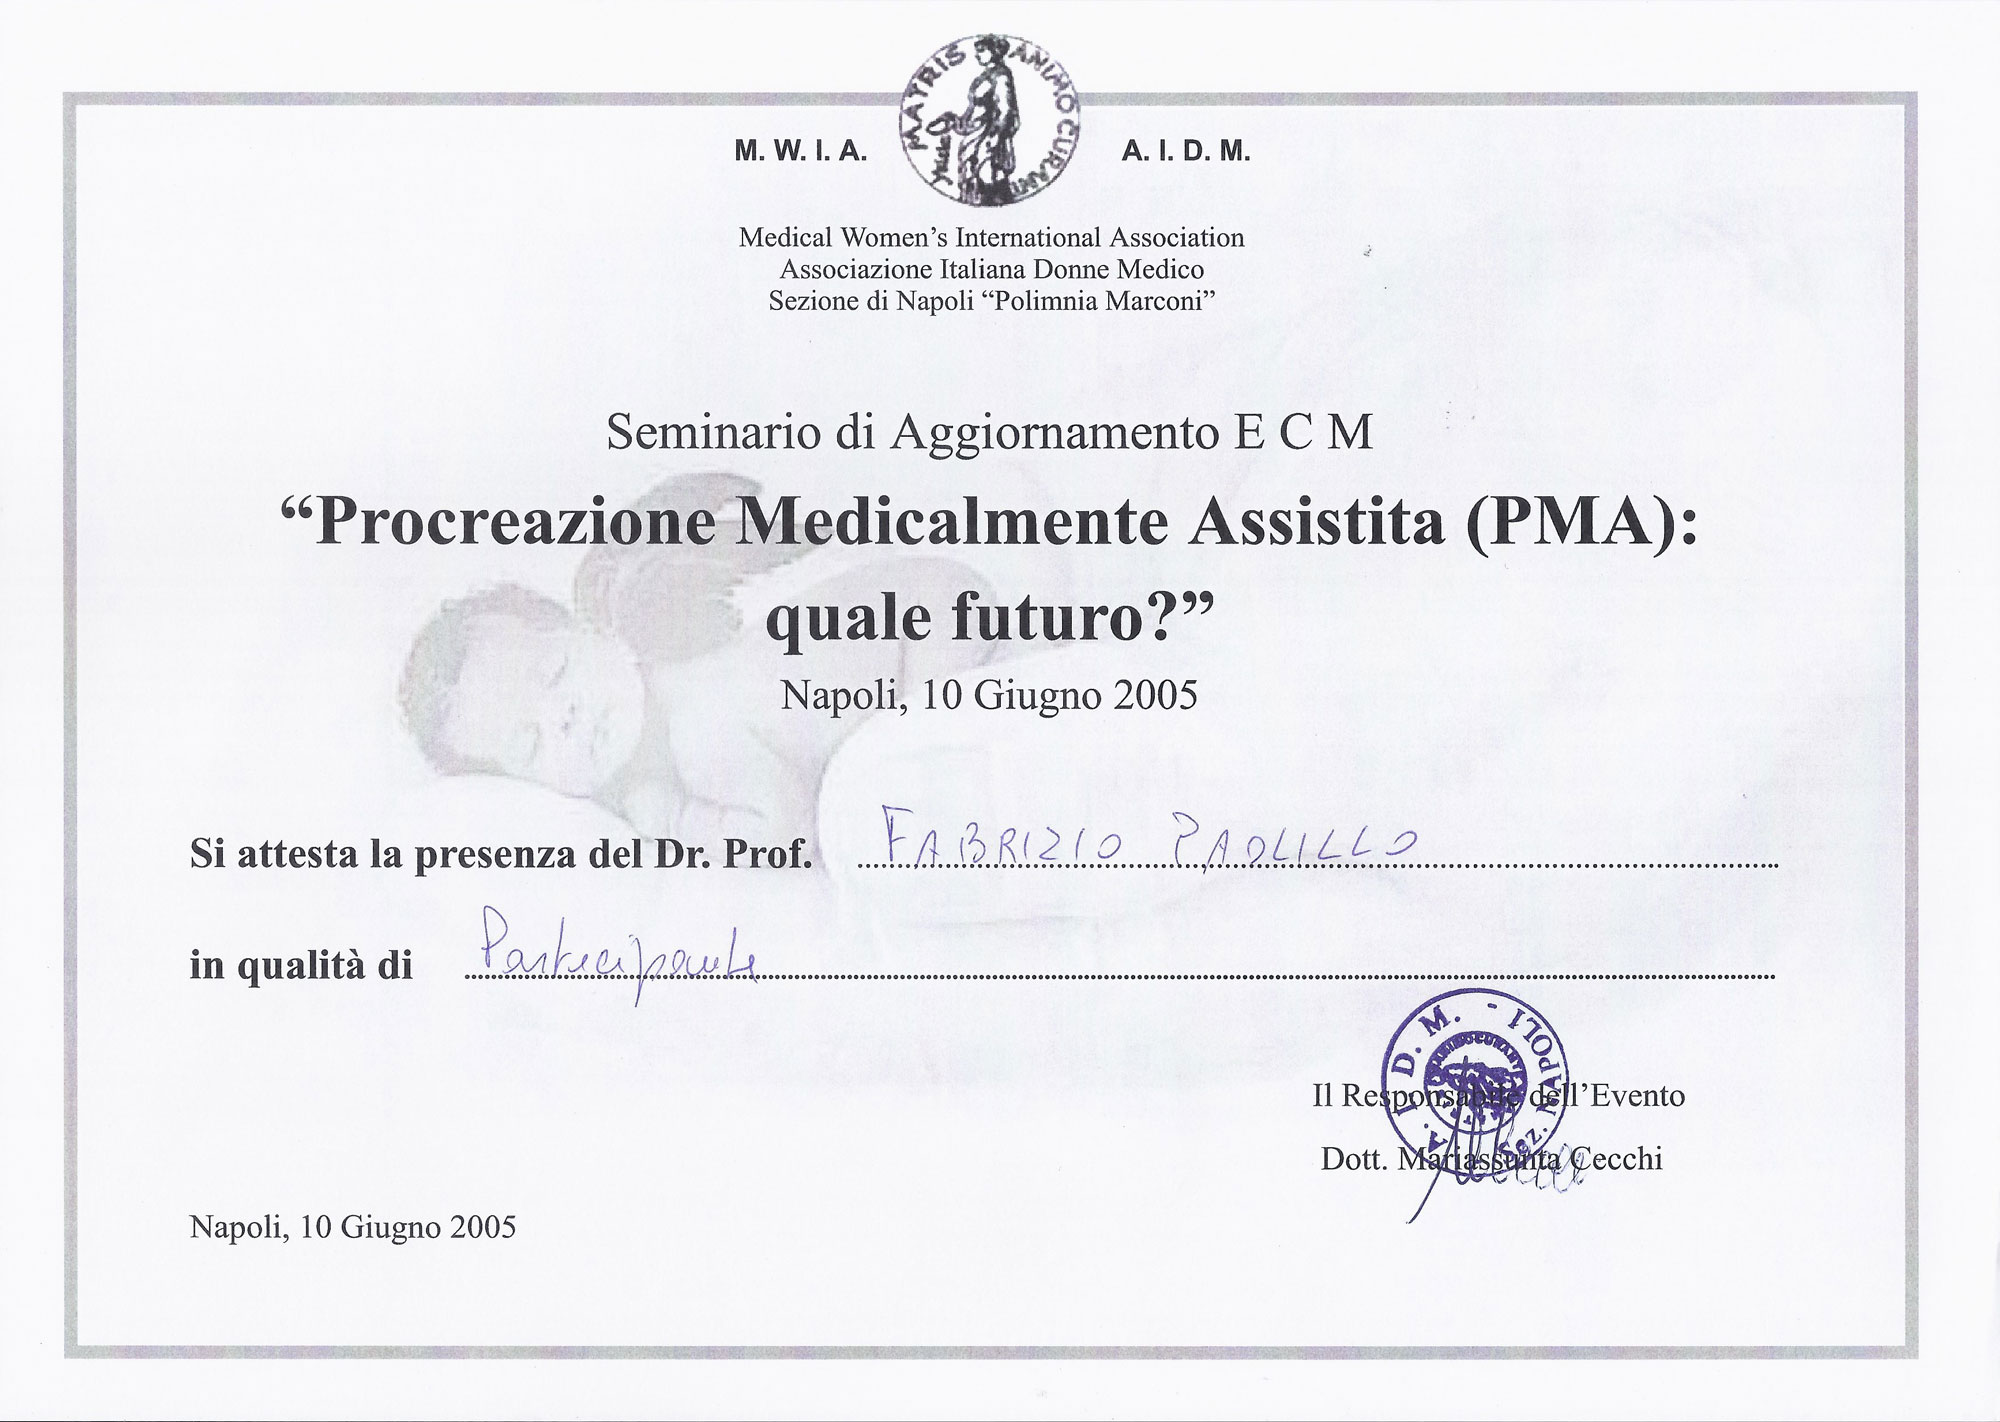 Procreazione Medicalmente Assistita (PMA): quale futuro?